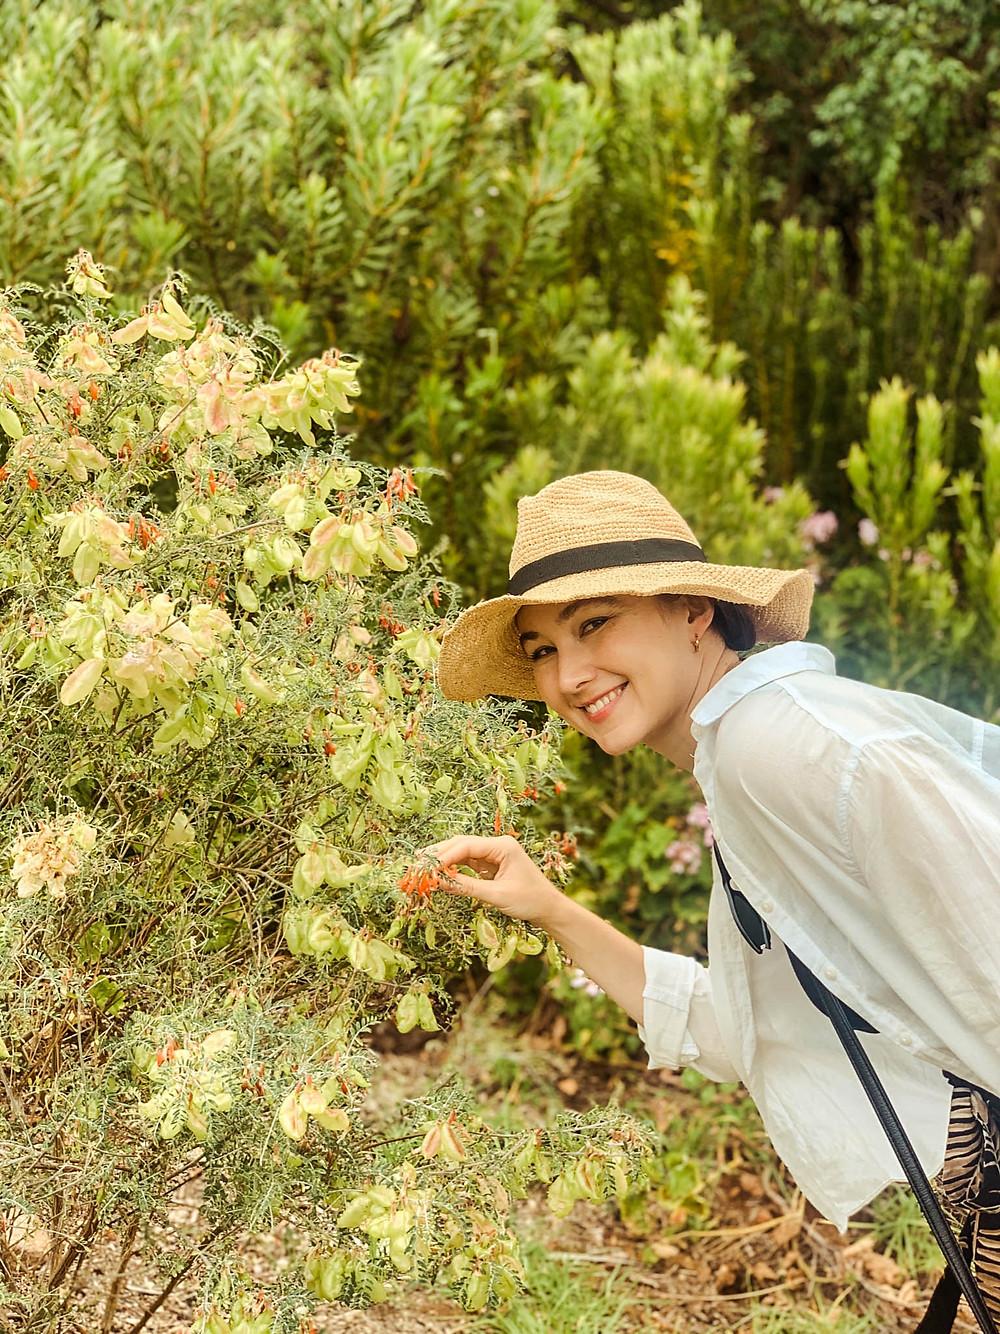 Our resident botanist in Kirstenbosch